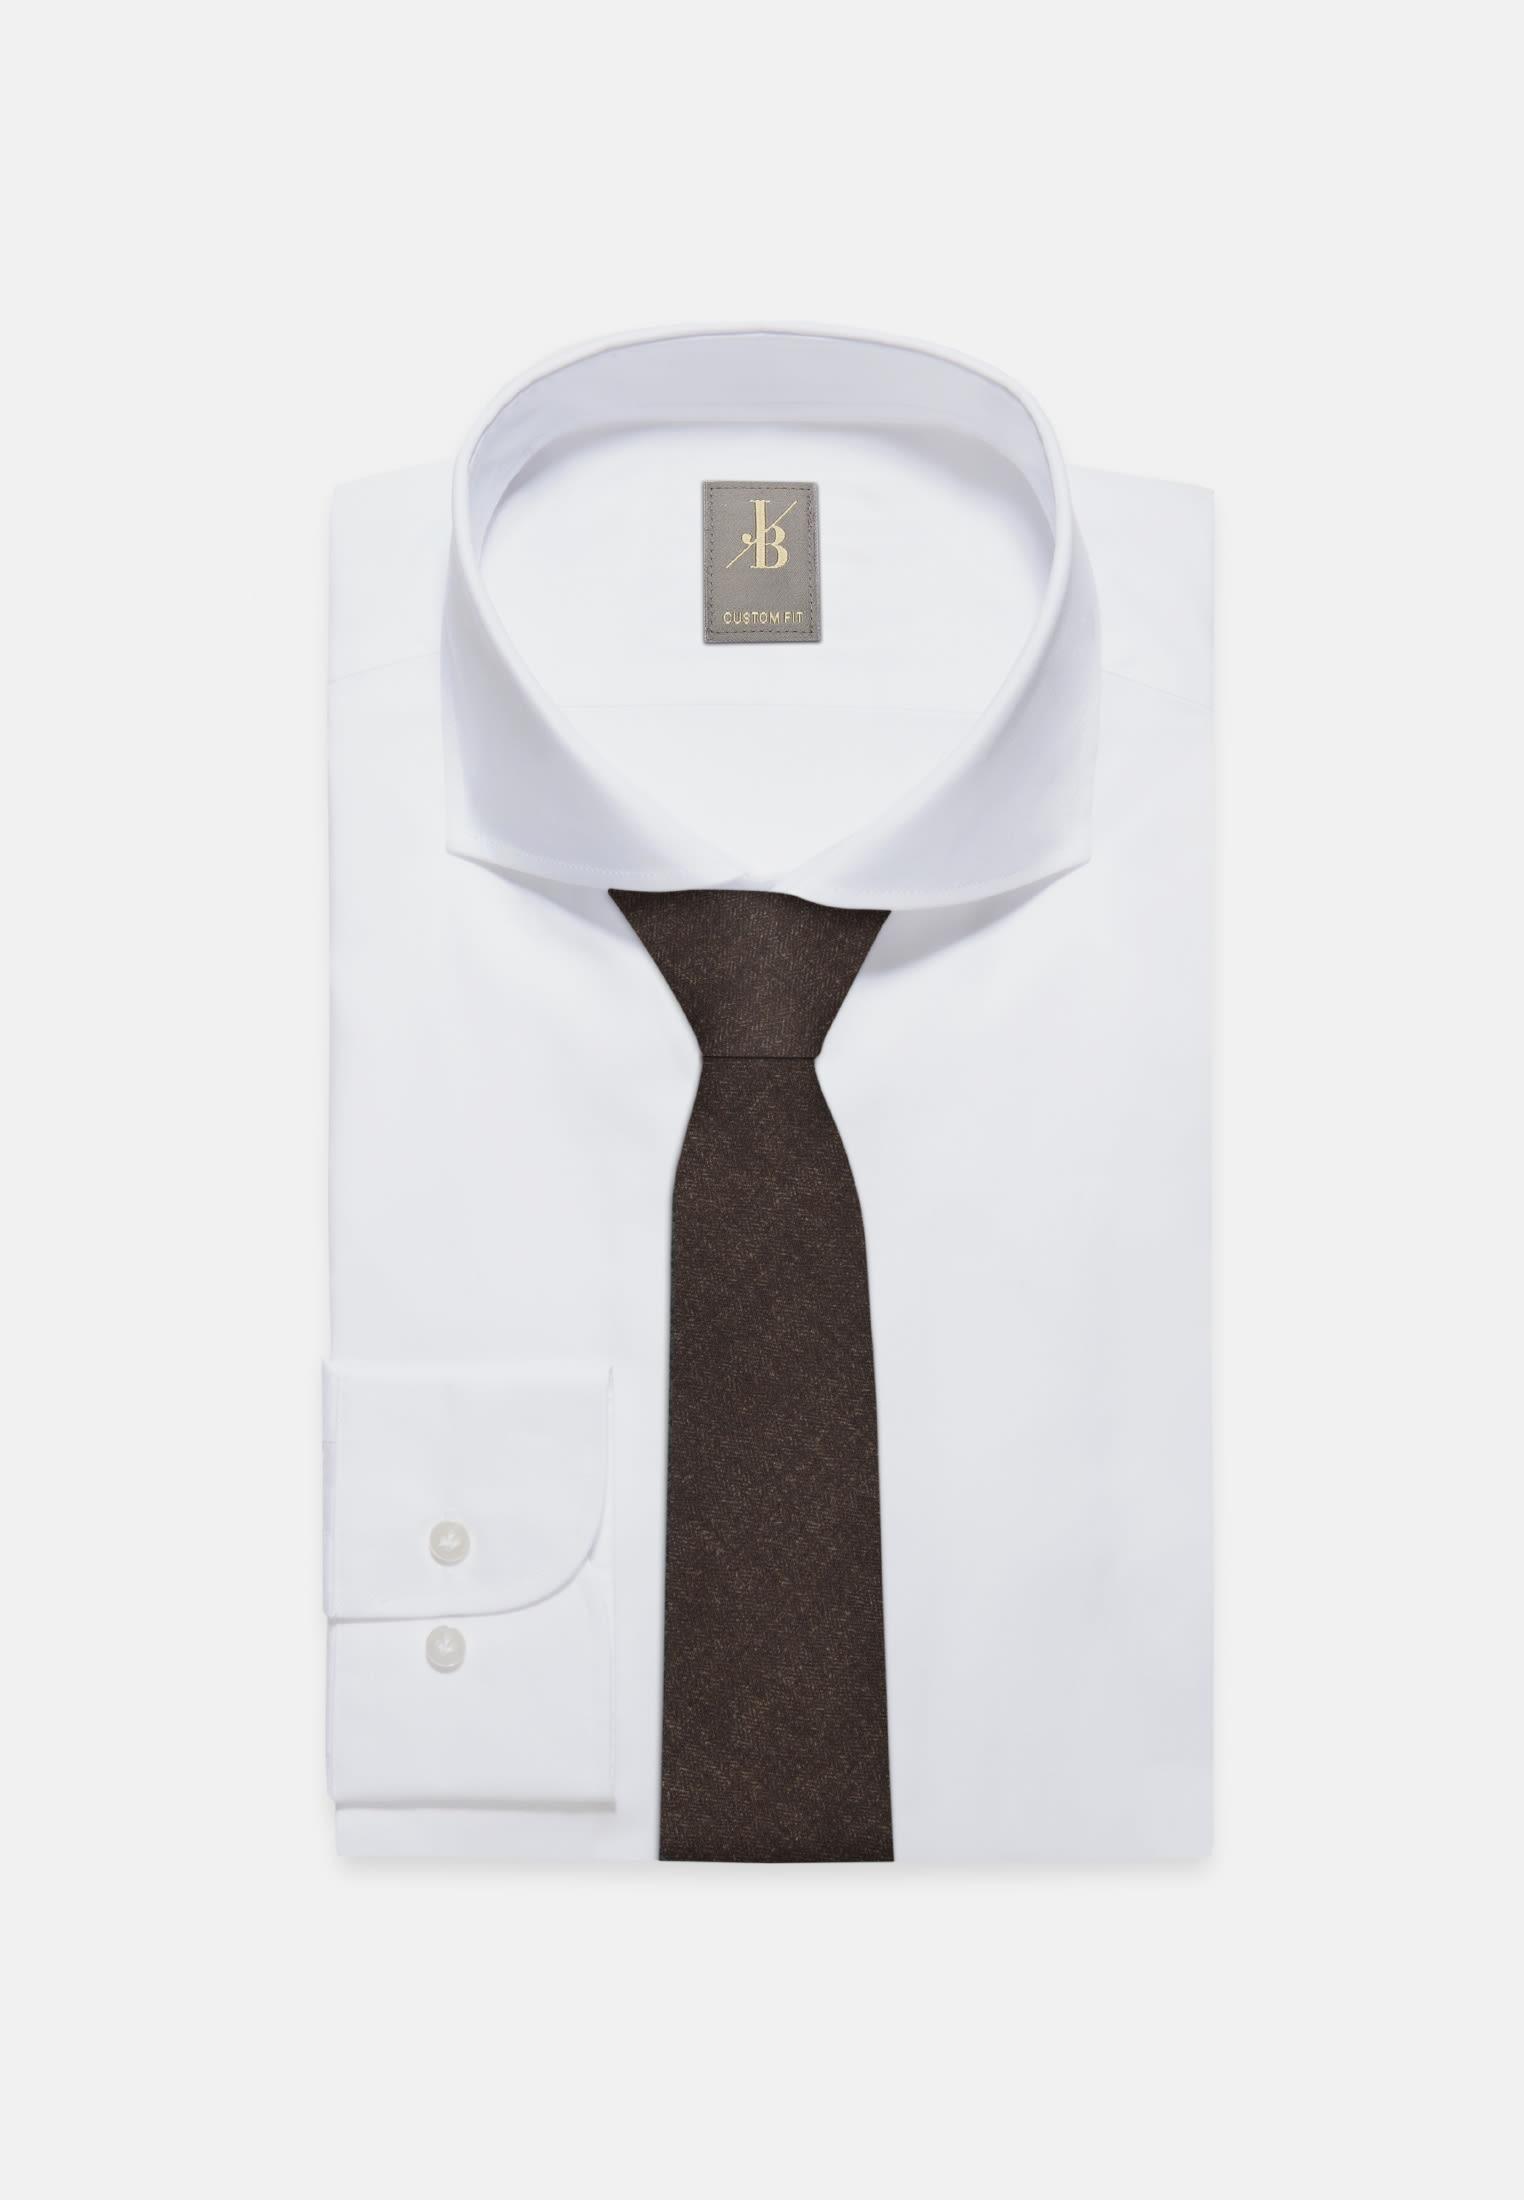 Krawatte aus 100% Wolle 7 cm Breit in Braun |  Jacques Britt Onlineshop